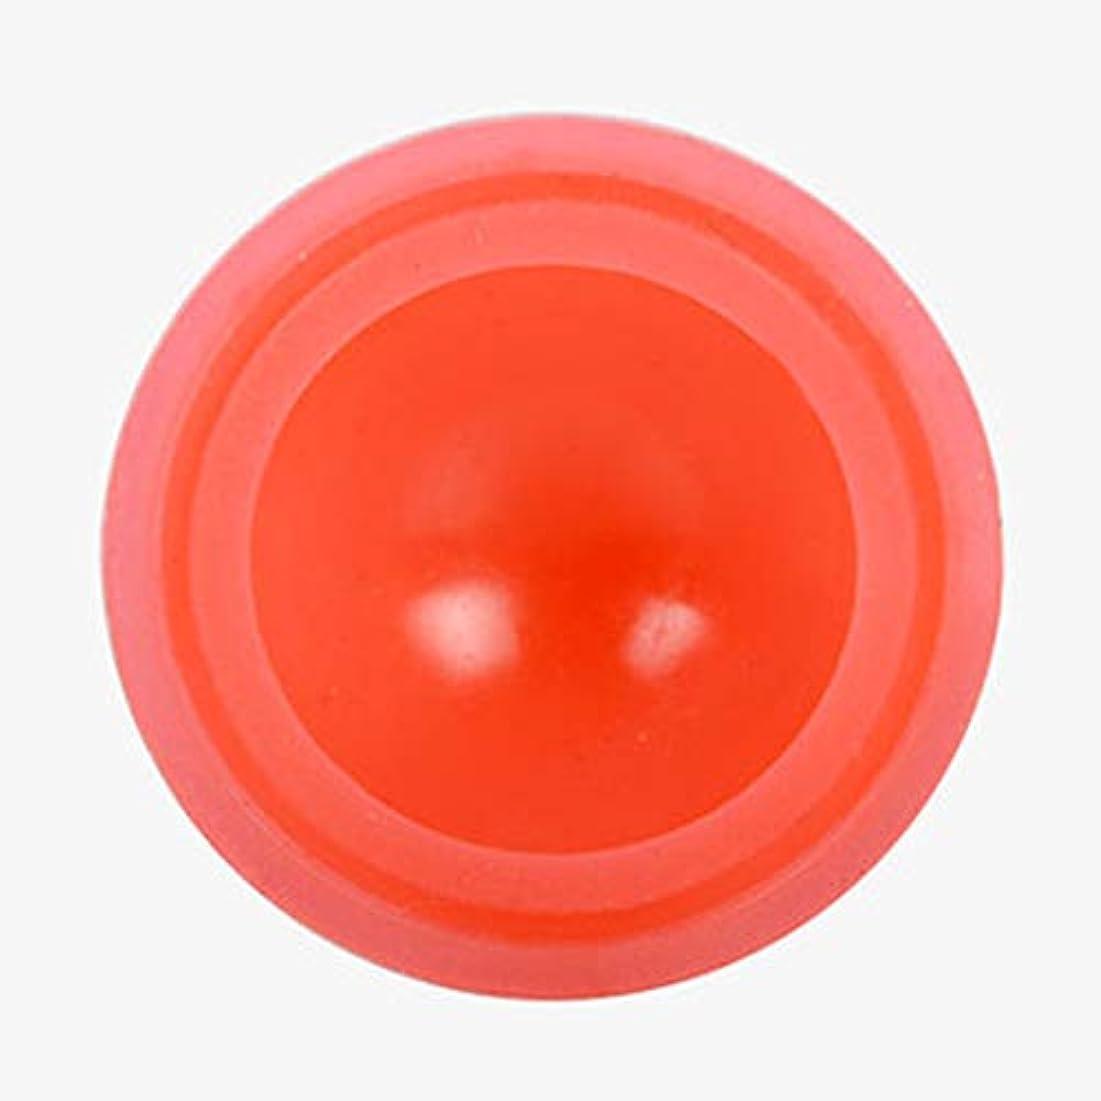 ピクニック簡単な準拠マッサージカッピング カッピング シリコンカッピング 吸い玉 真空セラピー 脂肪吸引 康祝 関節と筋肉痛救済 セルライト治療,オレンジ色